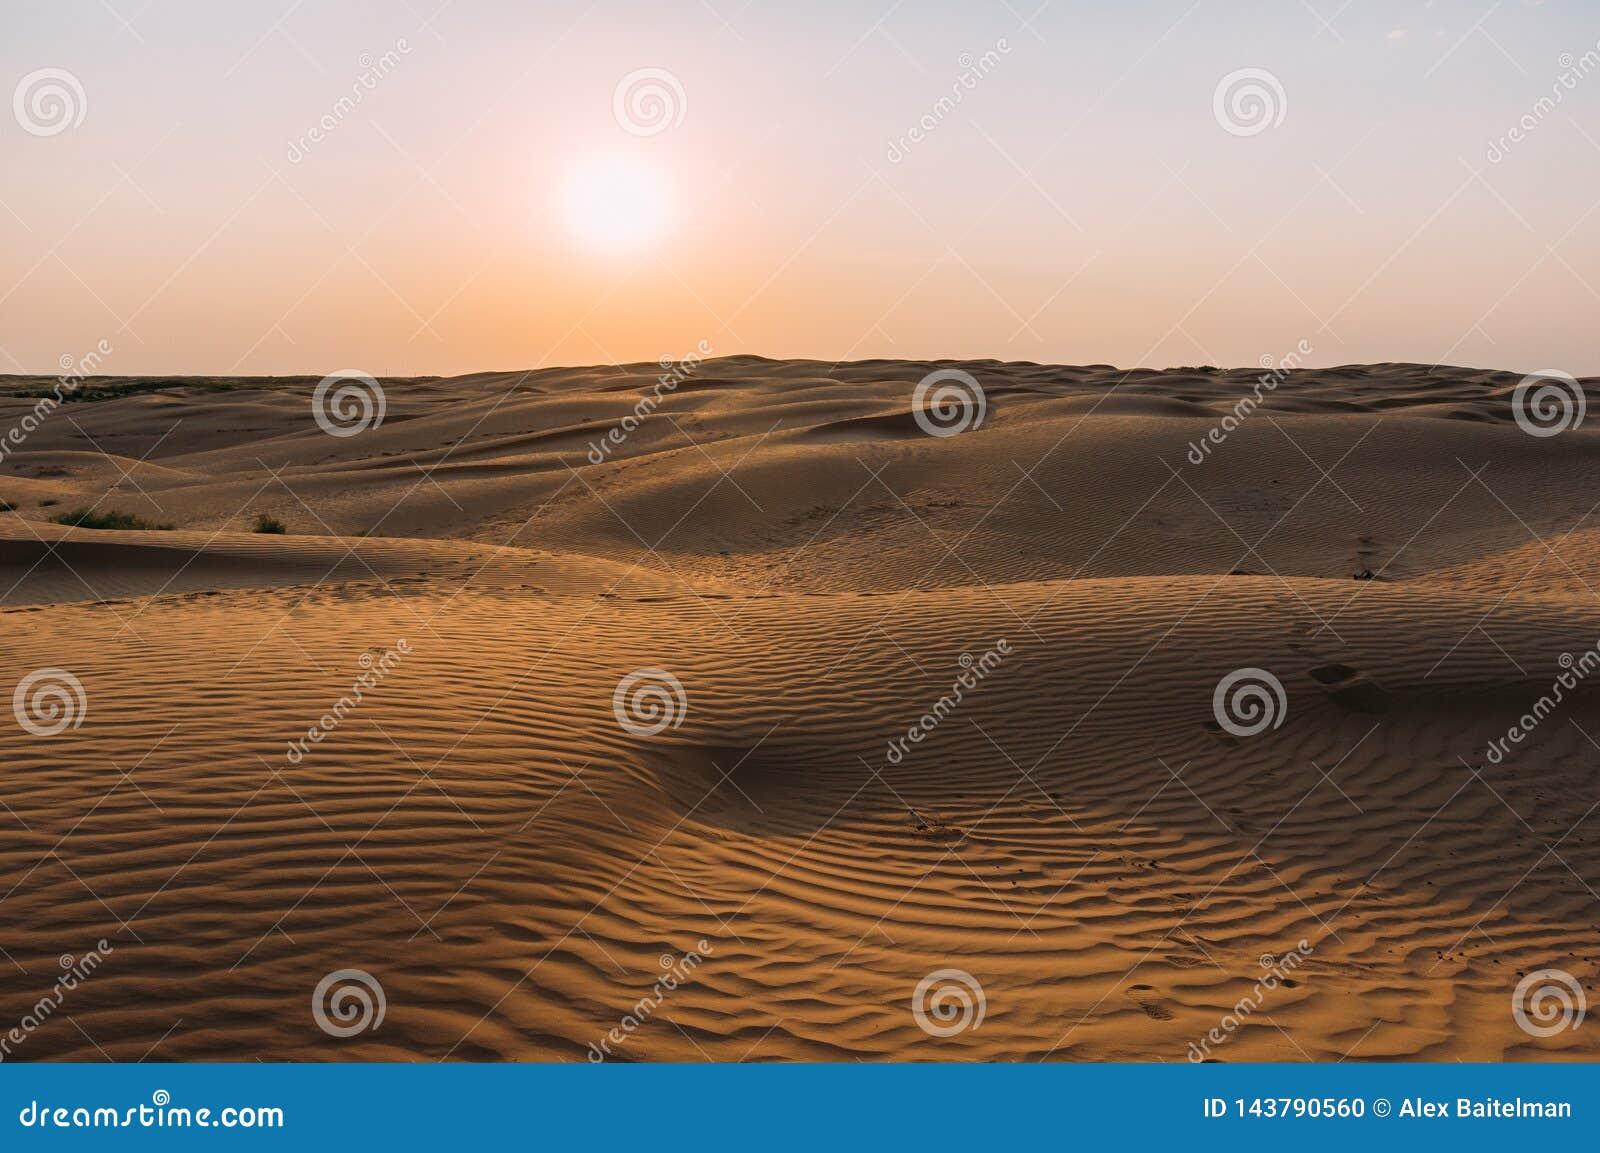 Menschliche Abdrücke im Sand in der Wüste